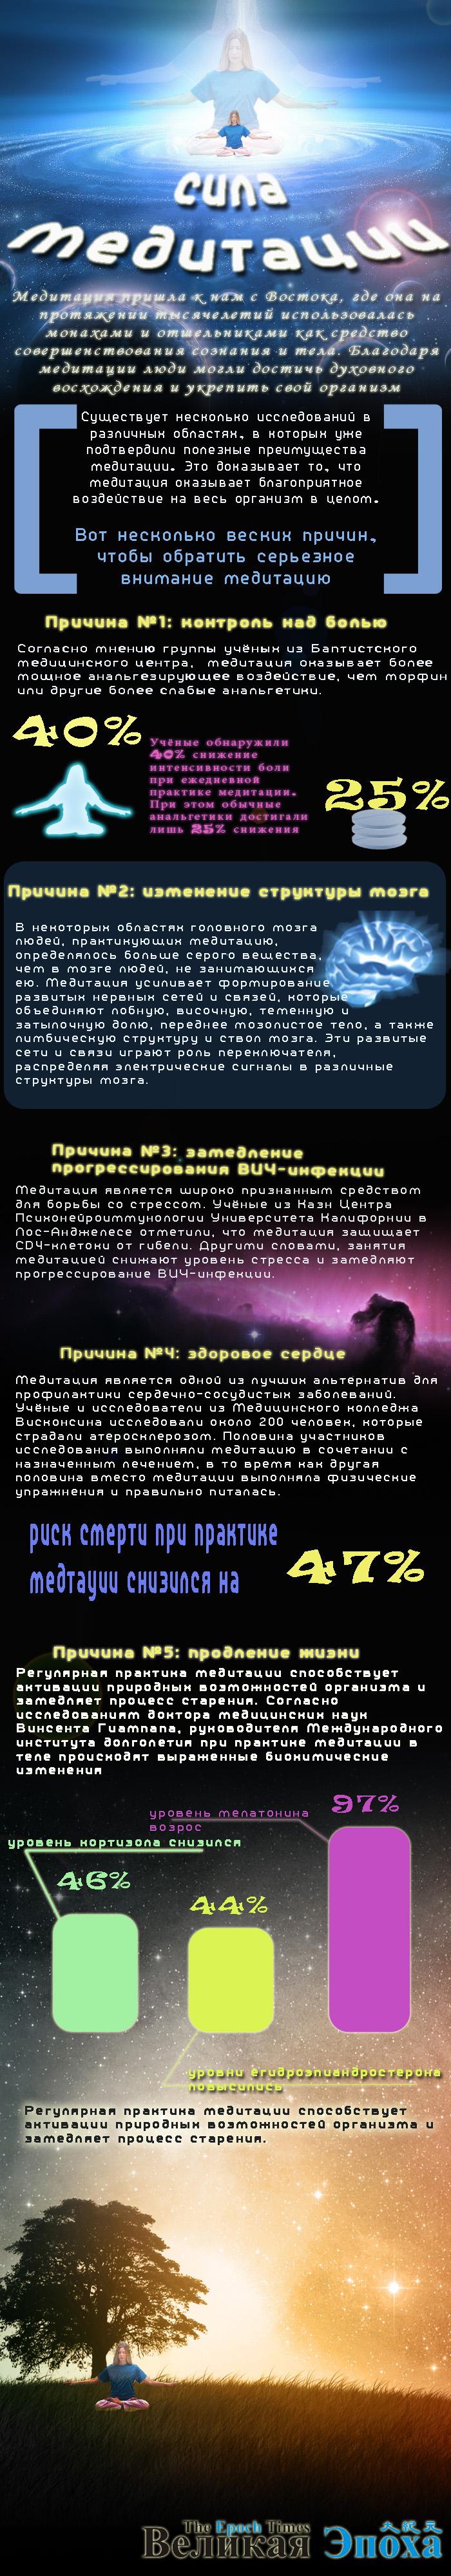 Инфографика: Кирилл БЕЛАН/Великая Эпоха